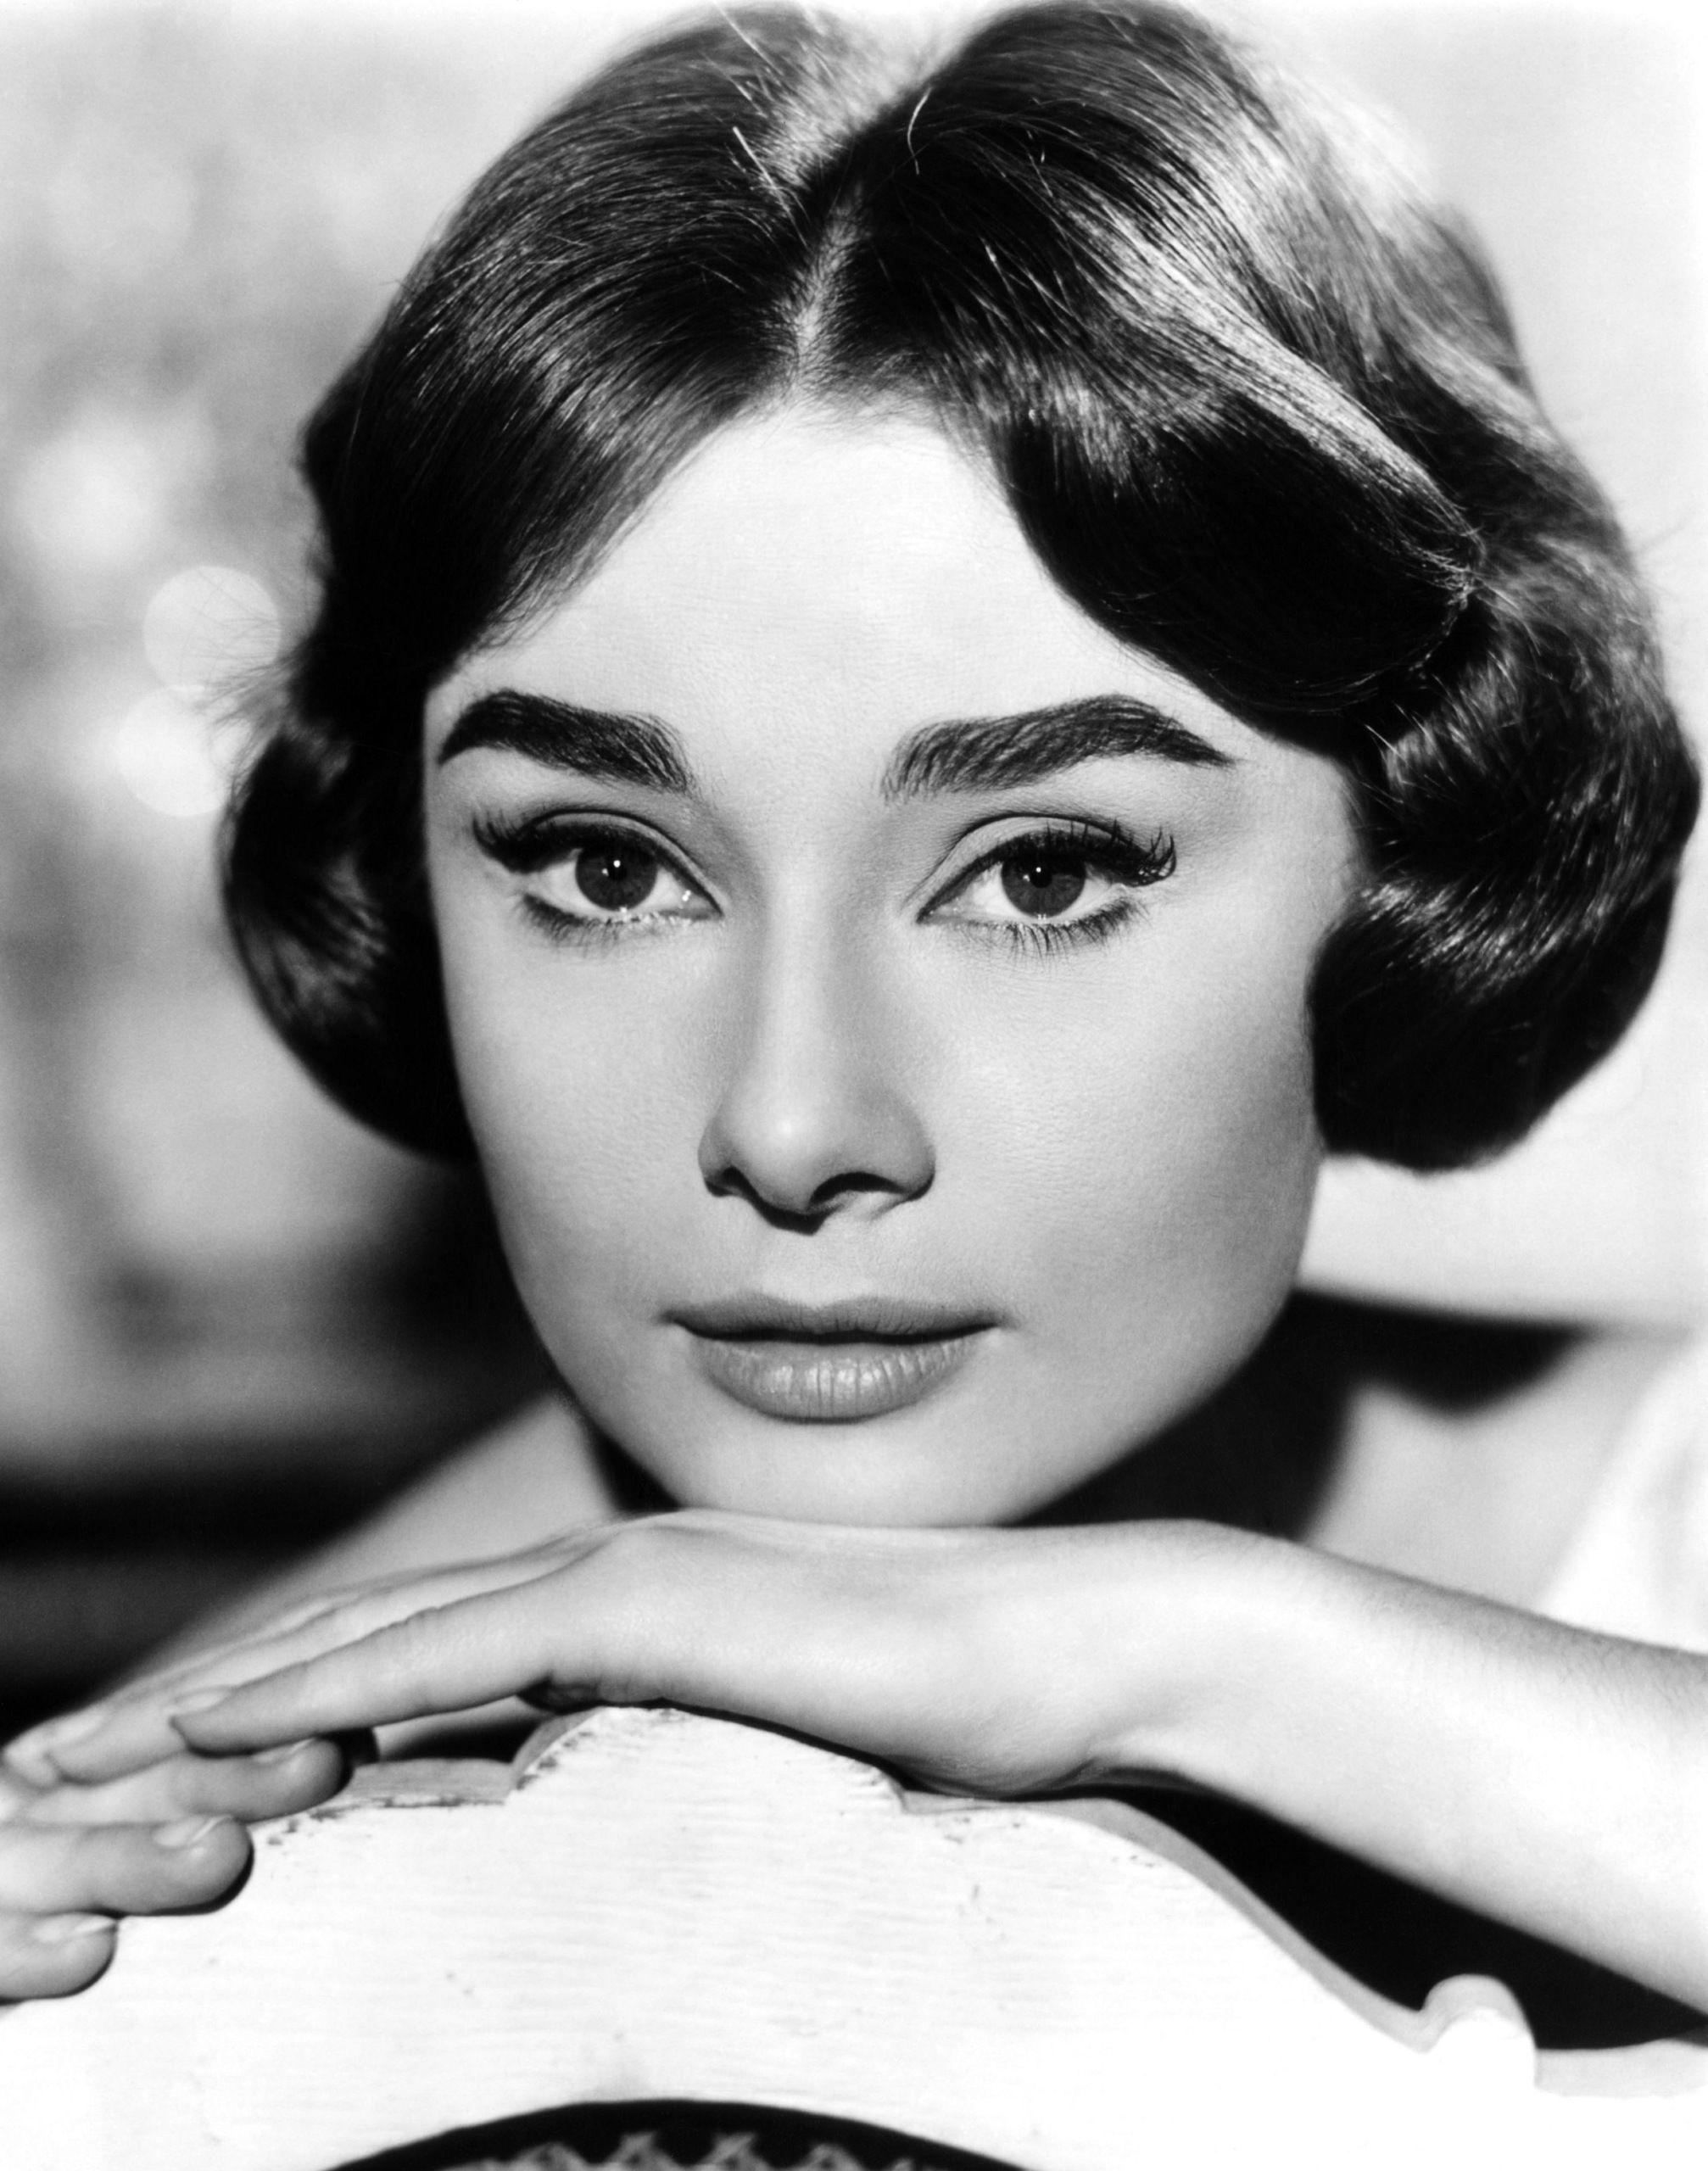 Audrey Hepburn Audrey Hepburn Audrey Hepburn Hollywood Women In